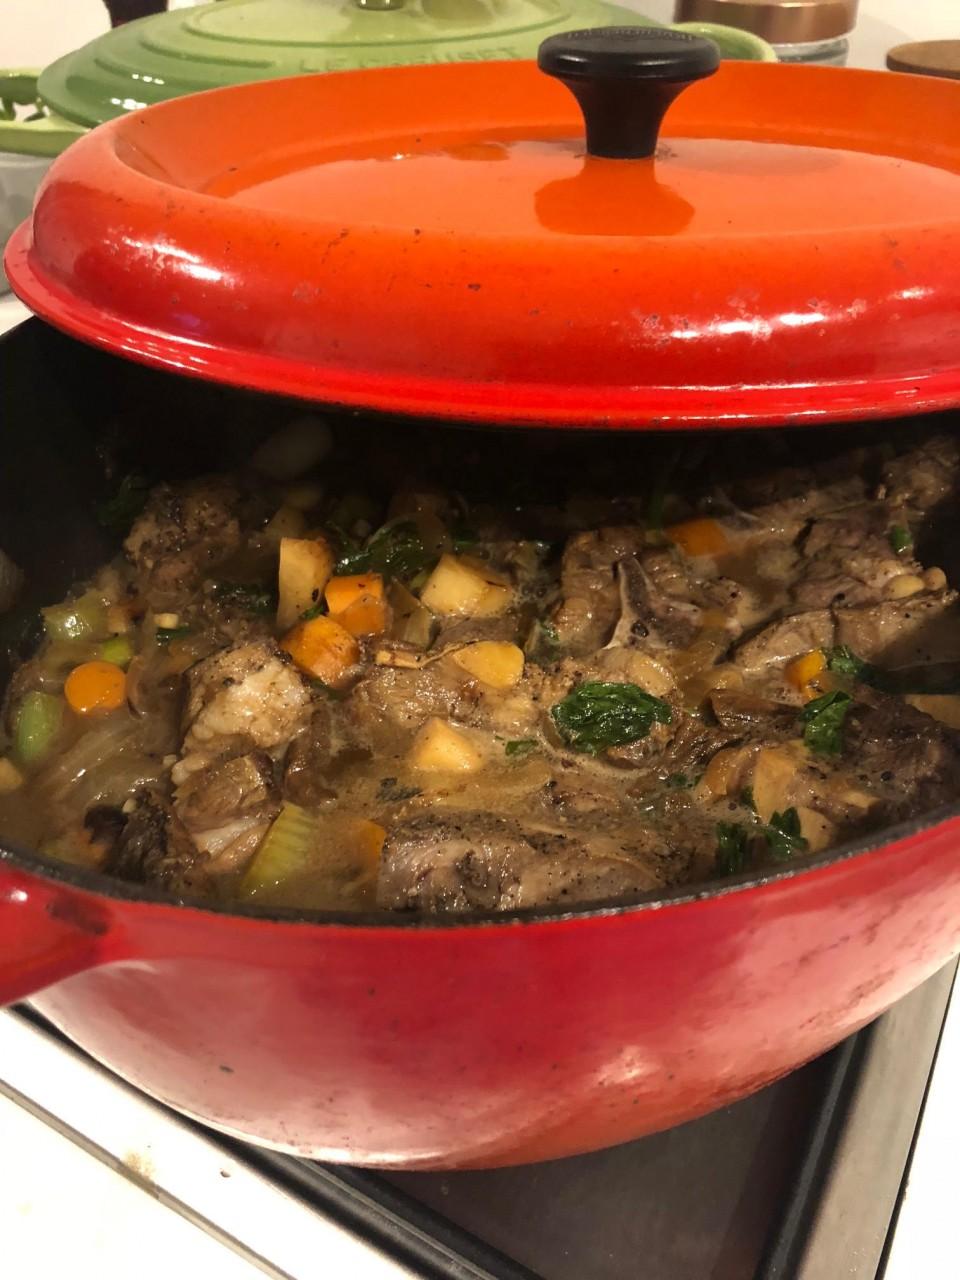 הצצה לתוך סיר טעים במיוחד. קדרת טלה, ערמונים, פטריות מיובשות וכל טוב!